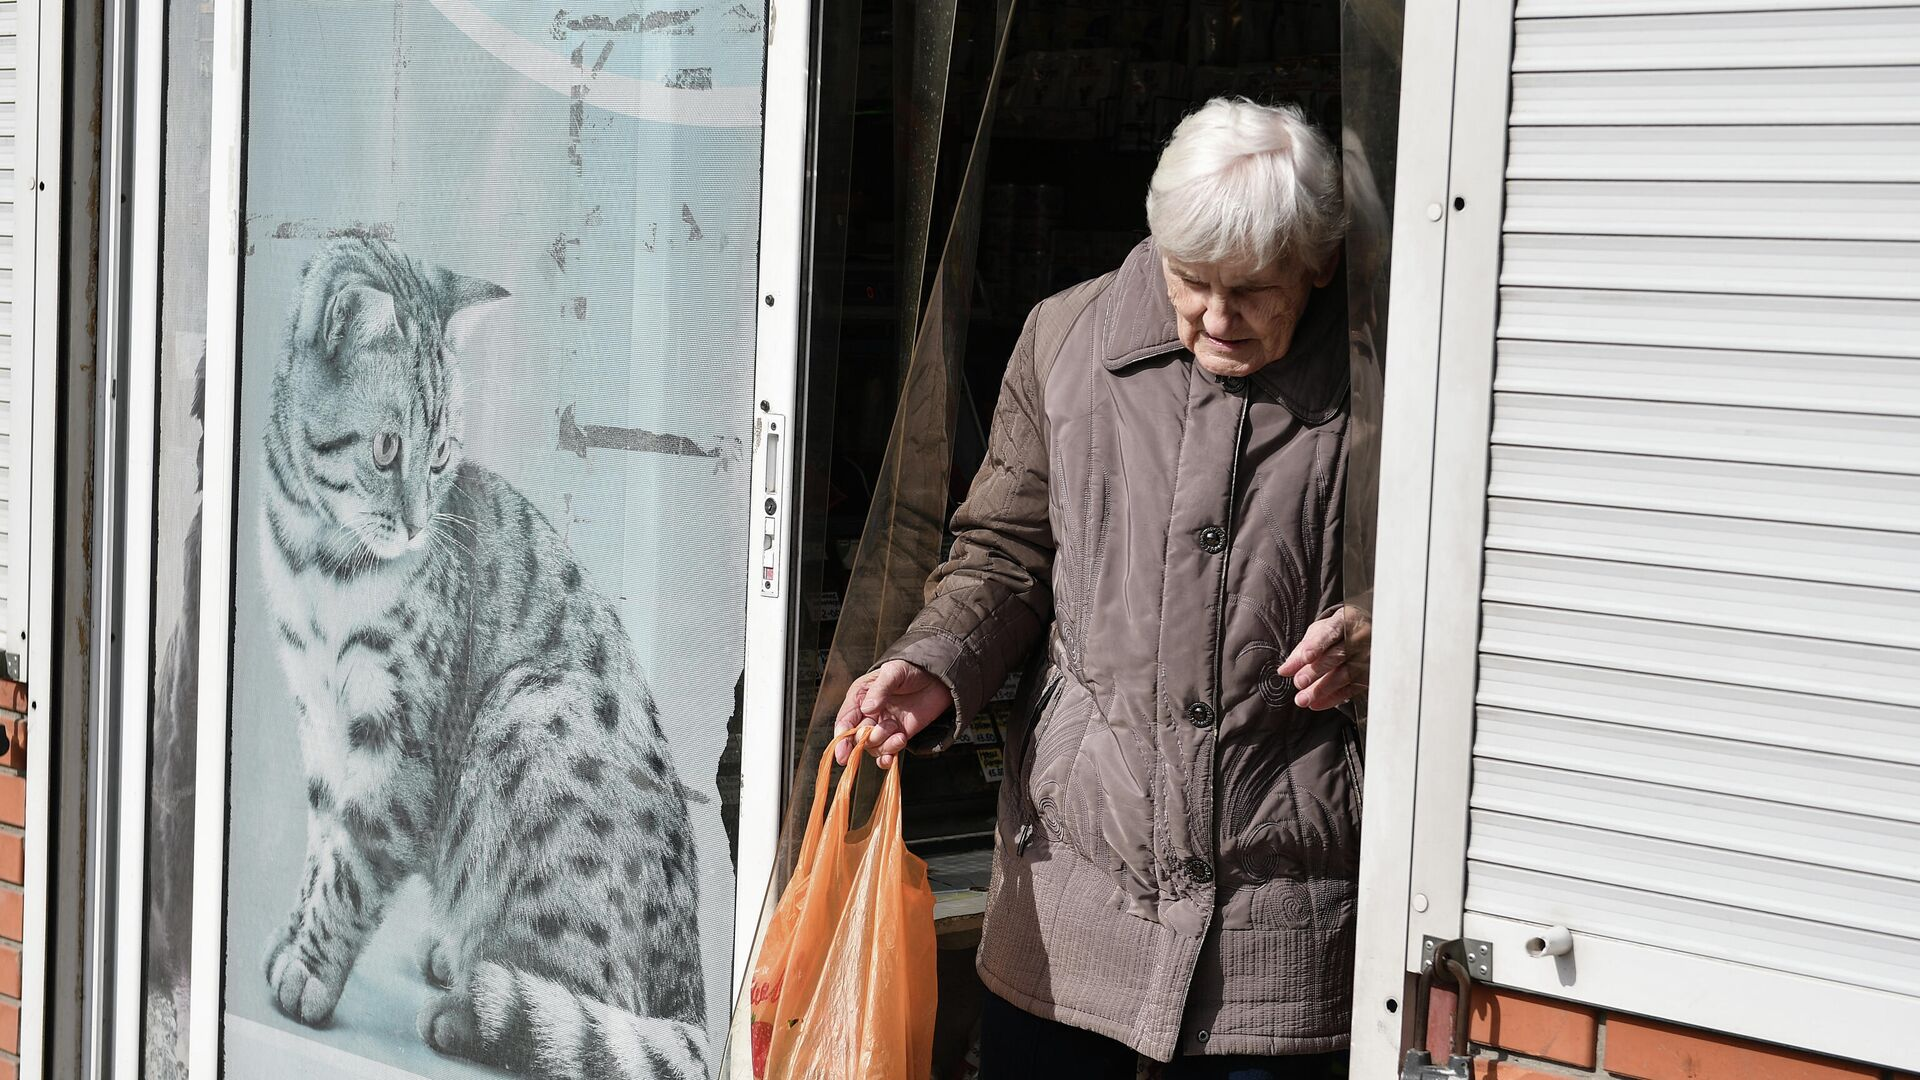 Пожилая женщина выходит из магазина в Симферополе - РИА Новости, 1920, 29.03.2021